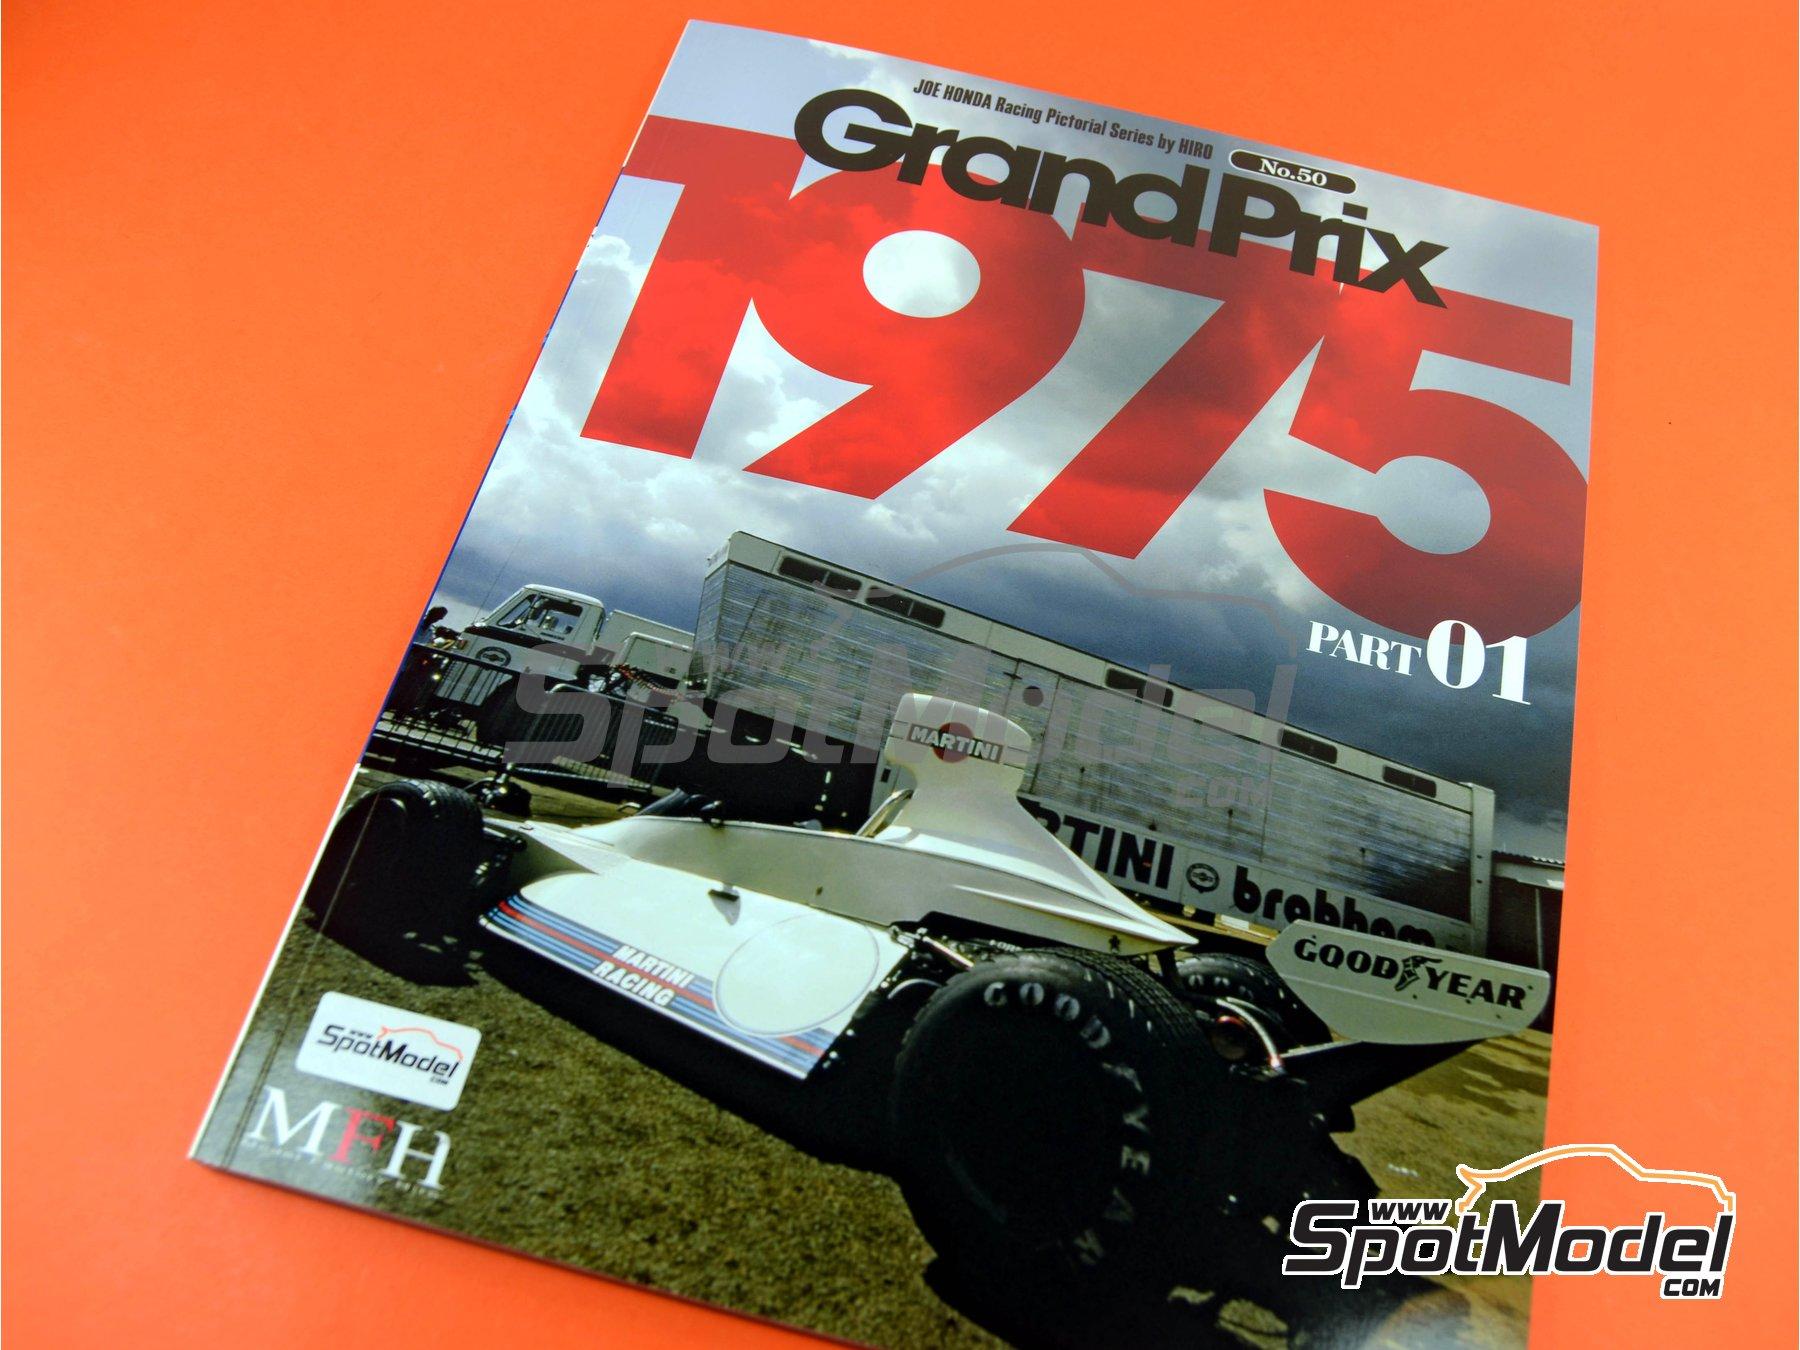 Image 1: Joe Honda Racing Pictorial Series: Grand Prix, parte 1 -  1975 | Libro de referencia fabricado por Model Factory Hiro (ref.MFH-JH50)